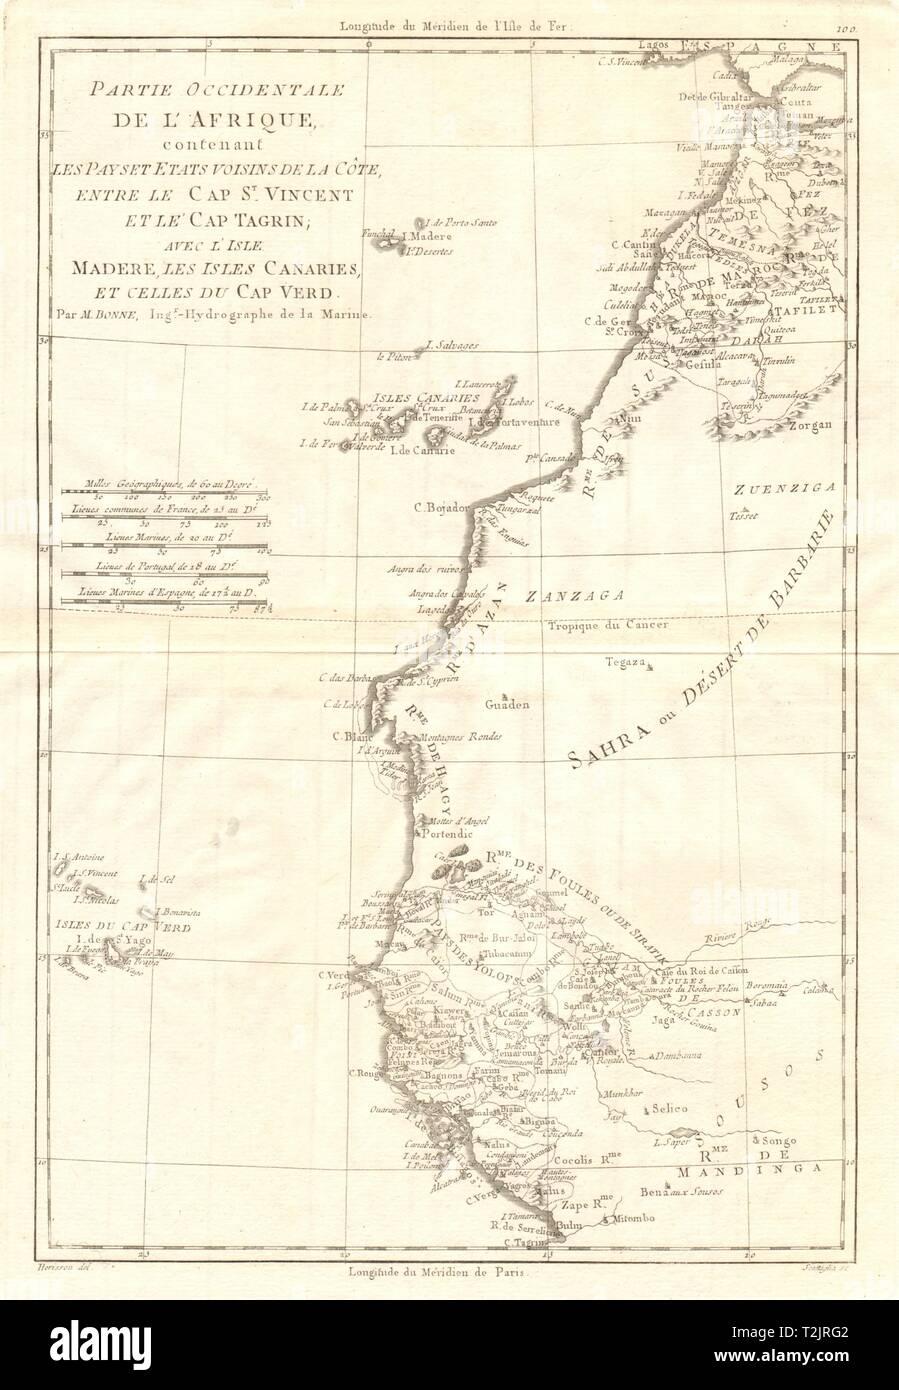 Partie Occidentale de l'Afrique. West Africa coast Canary islands BONNE 1790 map - Stock Image